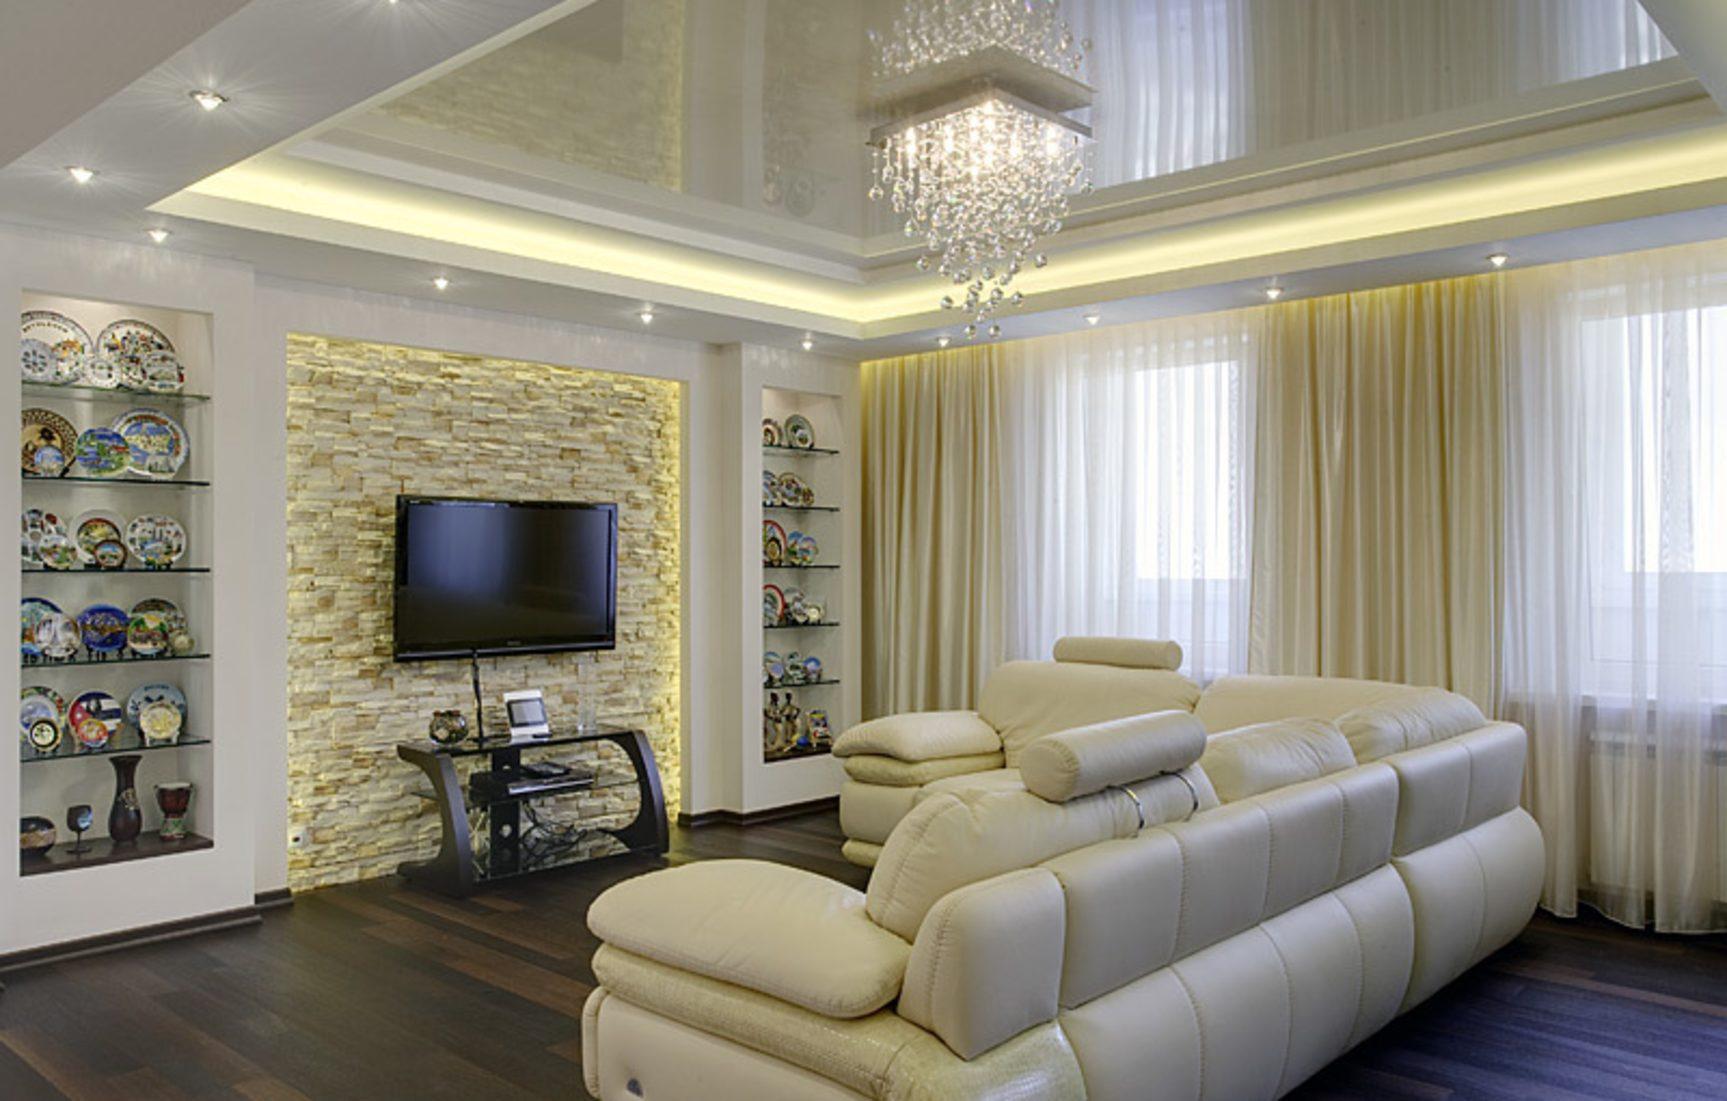 zweistufige Spanndecken, Spanndecke im Wohnzimmer, Spanndecke Büro